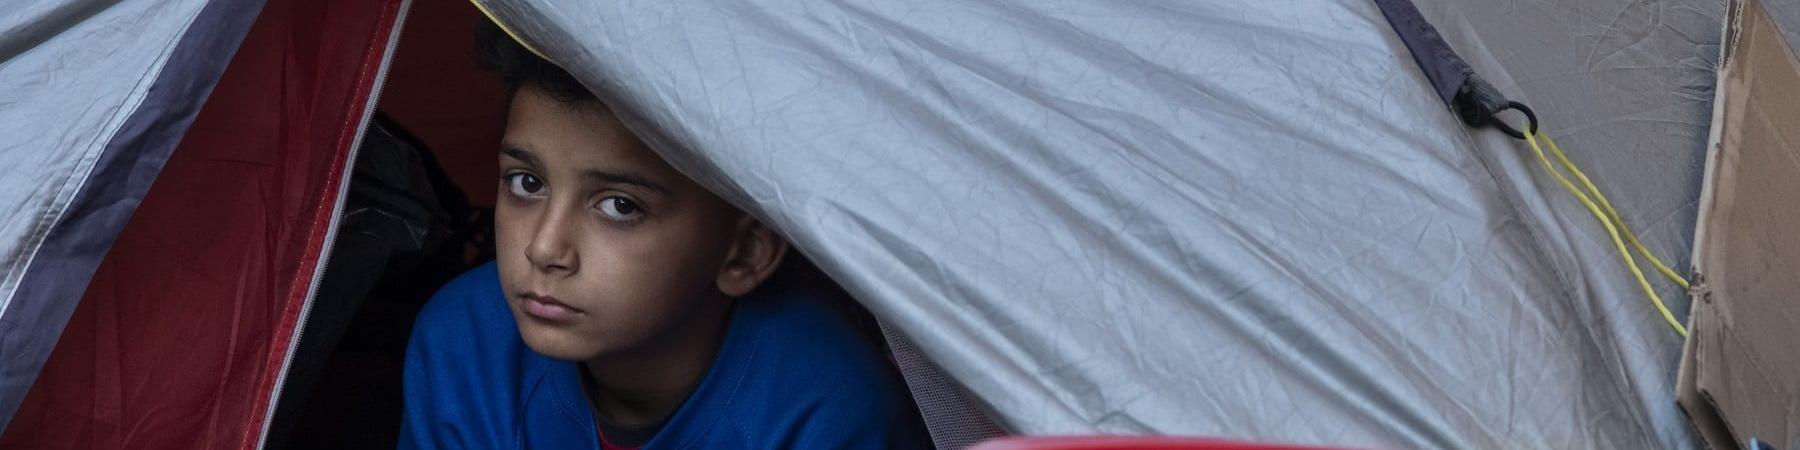 bambino si affaccia fuori a una tenda da campeggio in un campo profughi greco